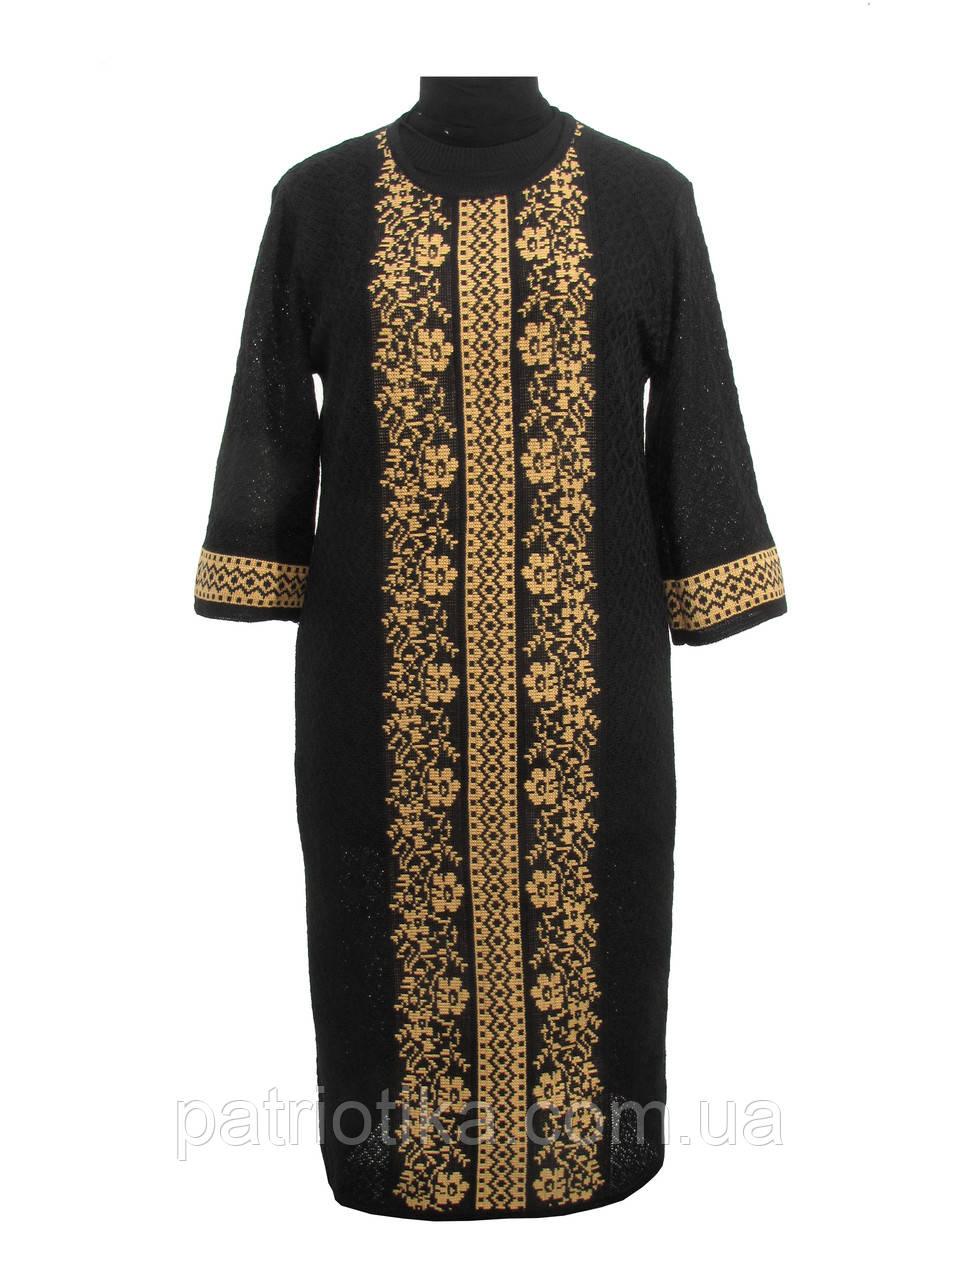 Вязаное платье черное Роксолана коричневая 3/4 х/б   В'язане плаття чорне Роксолана коричнева 3/4 х/б